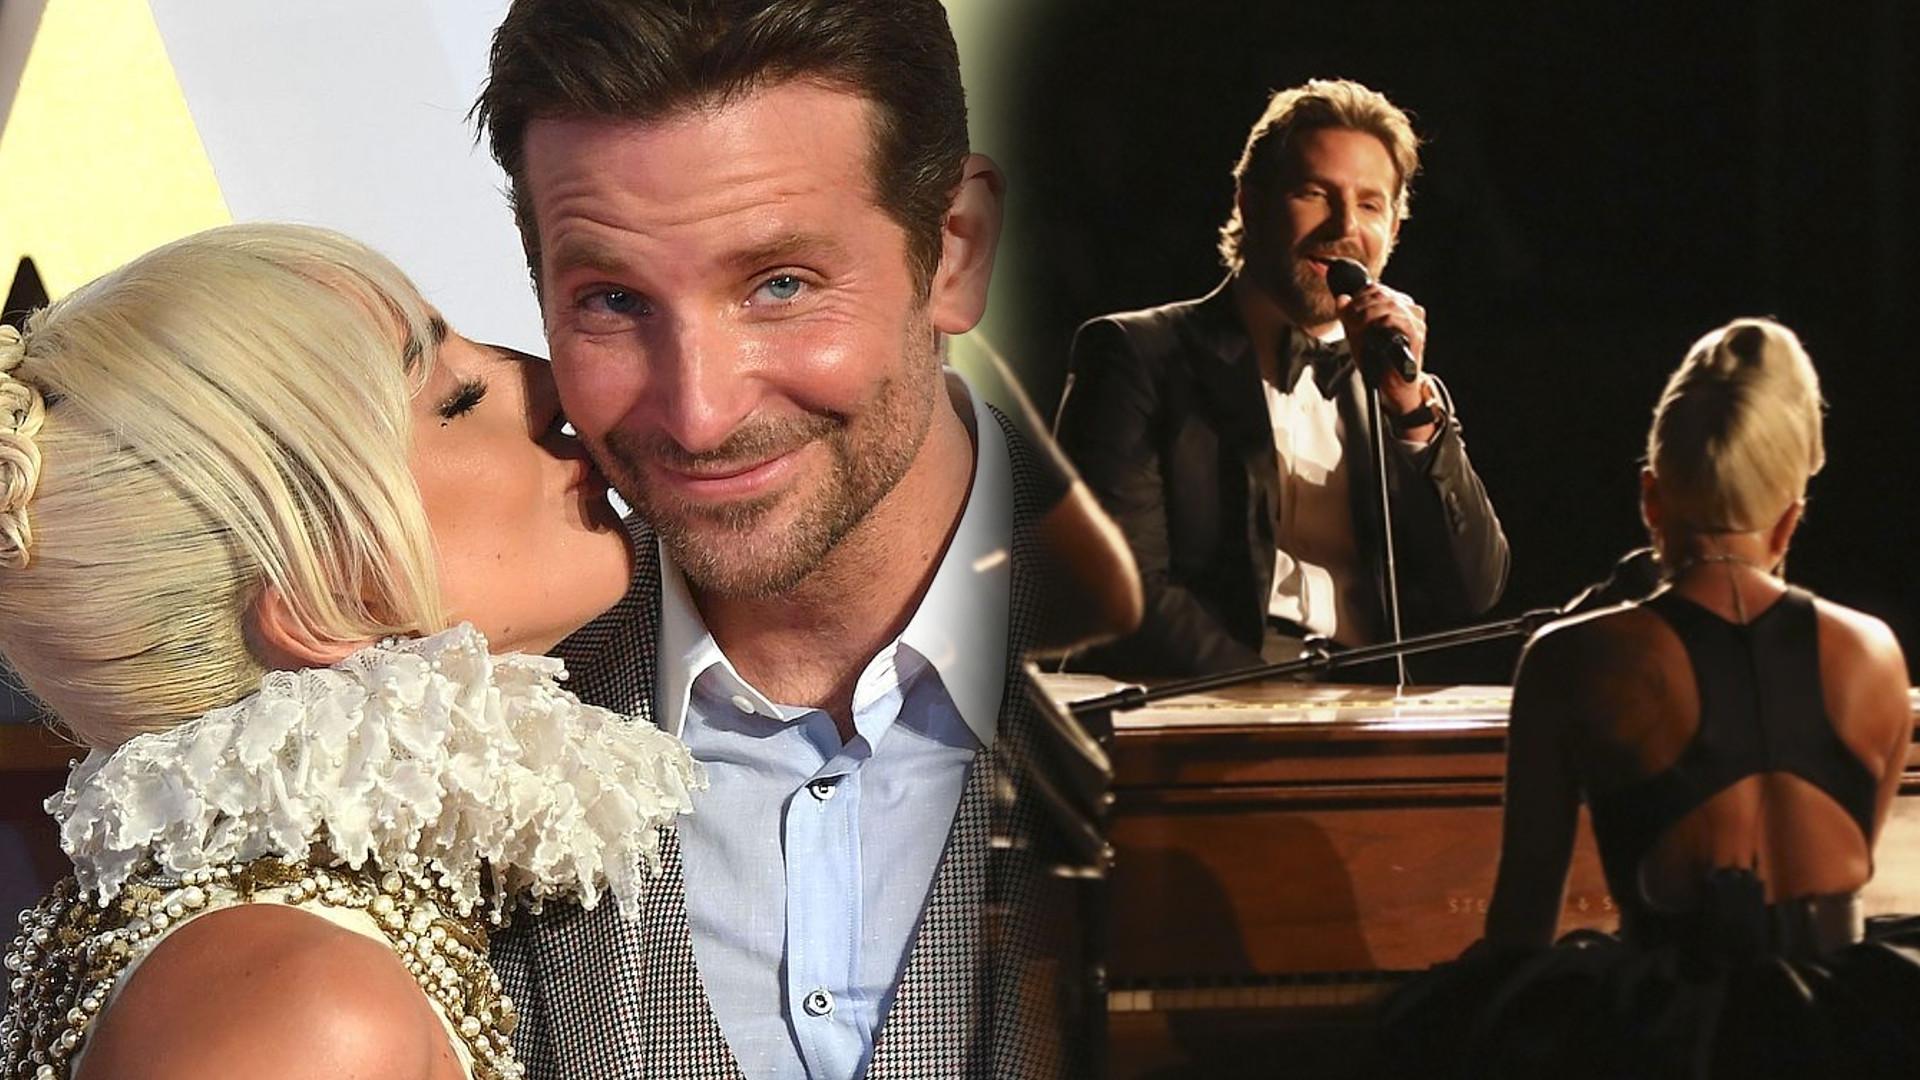 W czym tkwi sekret piosenki Shallow? Bradley Cooper wykorzystał reżyserski chwyt!